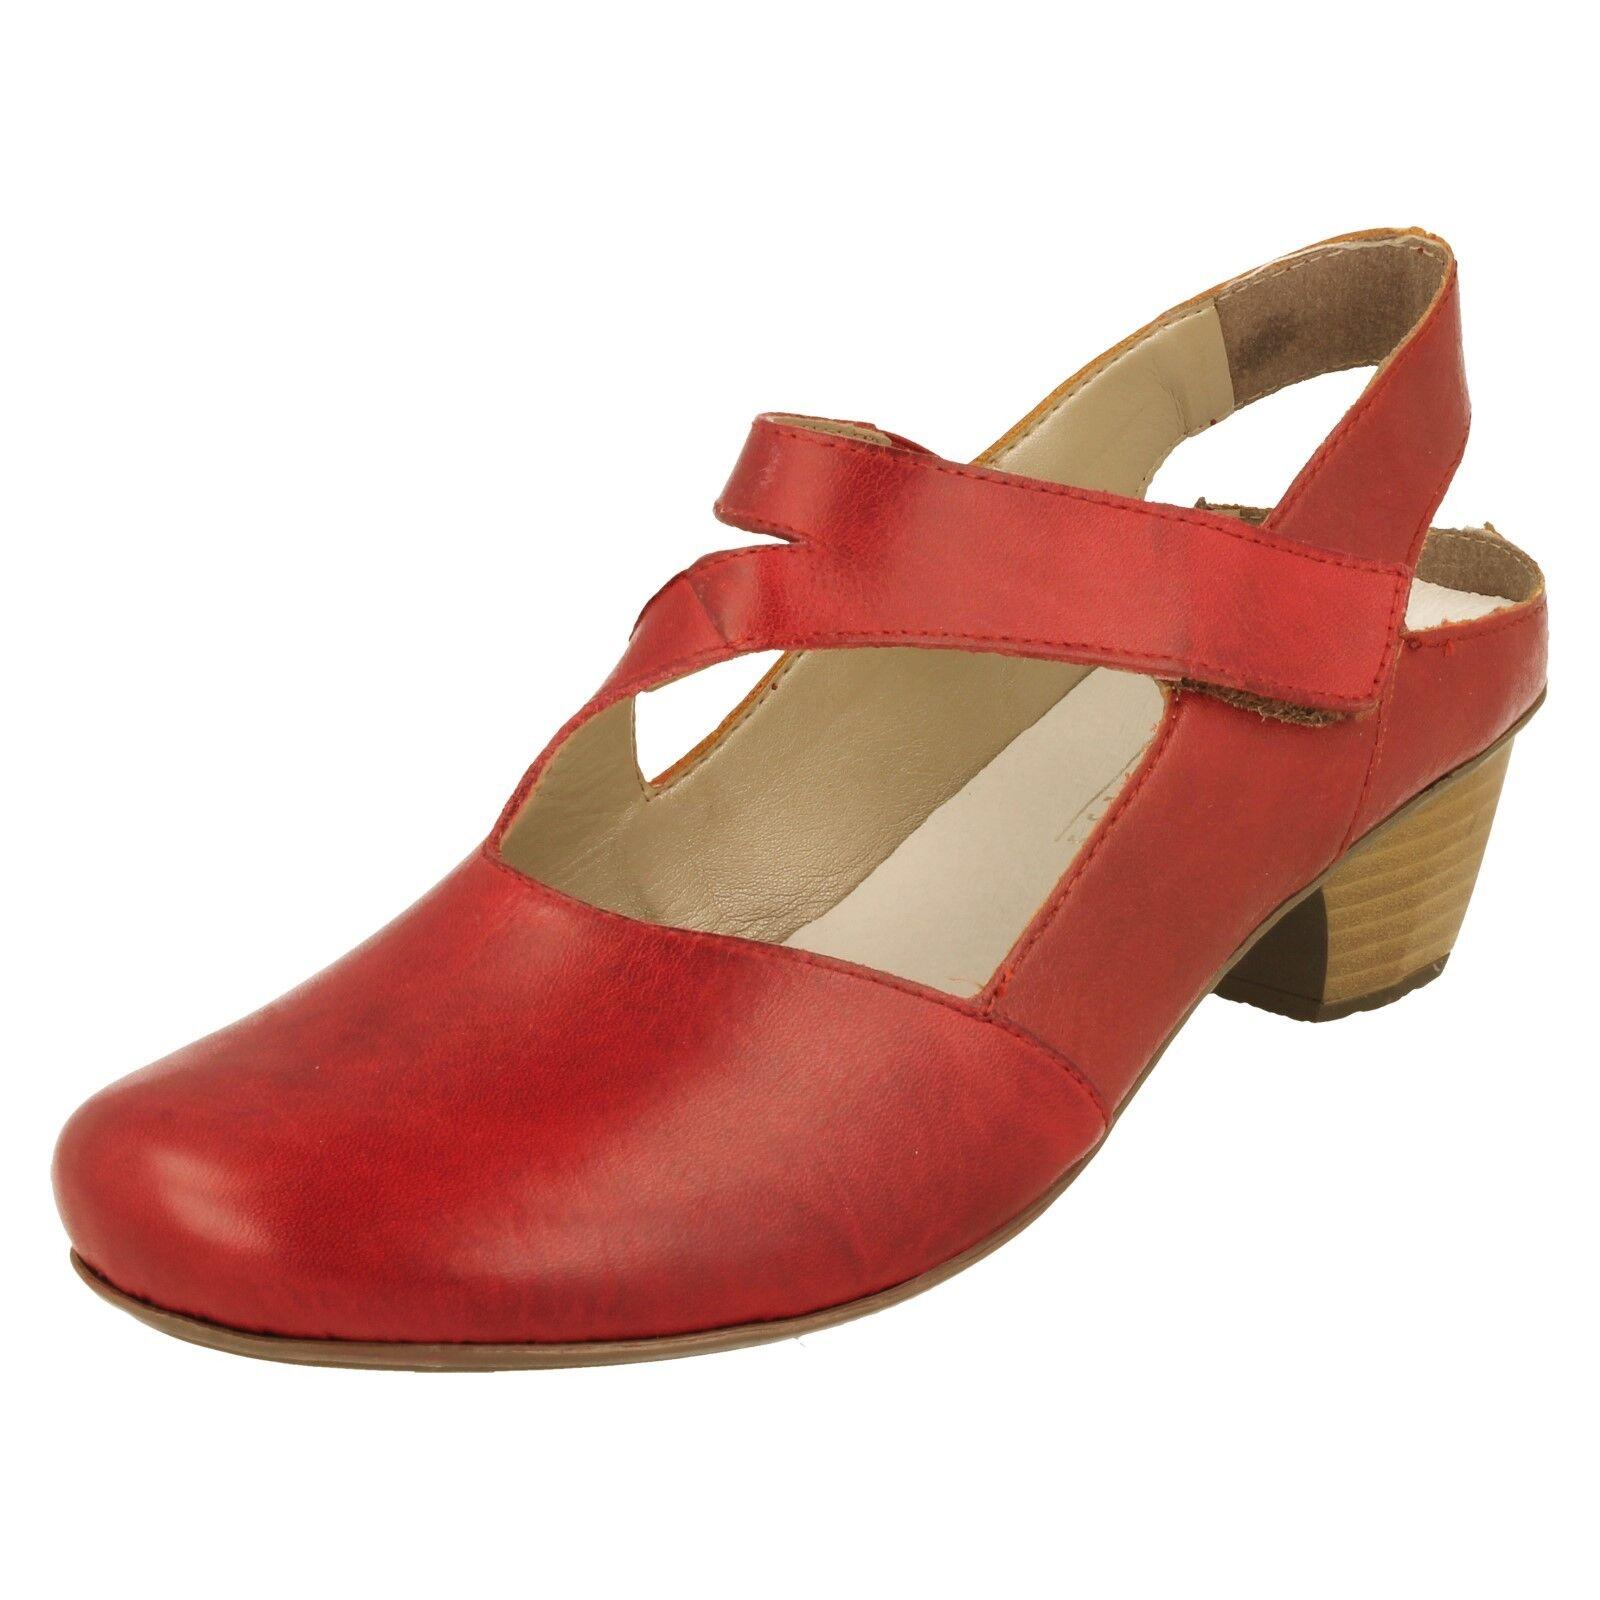 Damenschuhe Rieker Schuhe - 41779